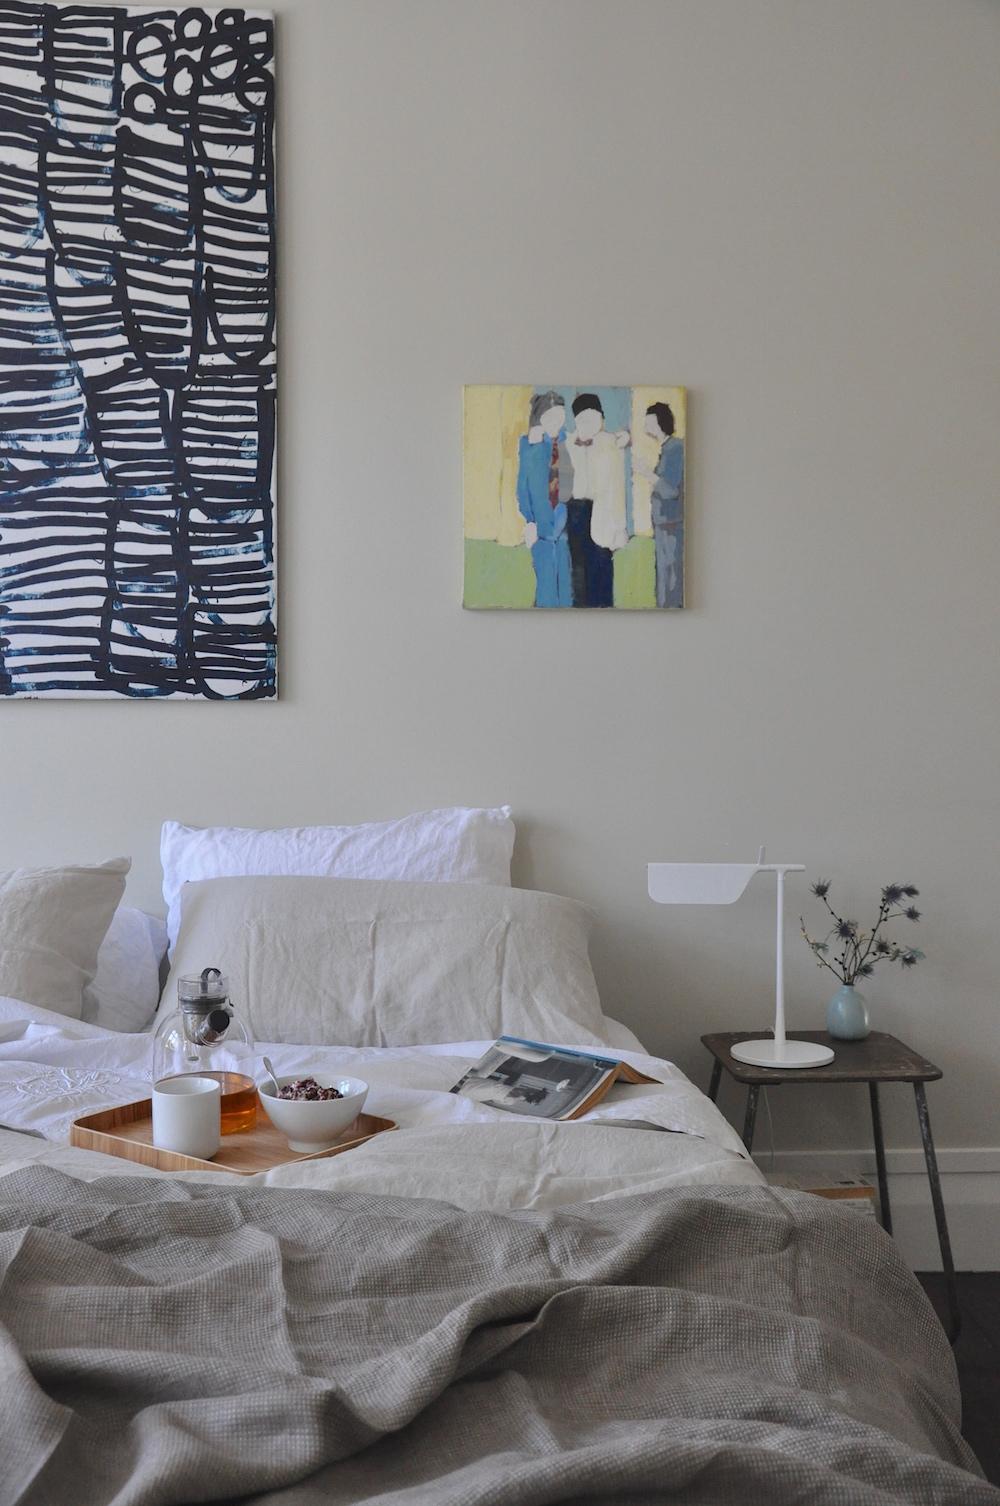 styledcanvaschallenge-breakfast-in-bed-2